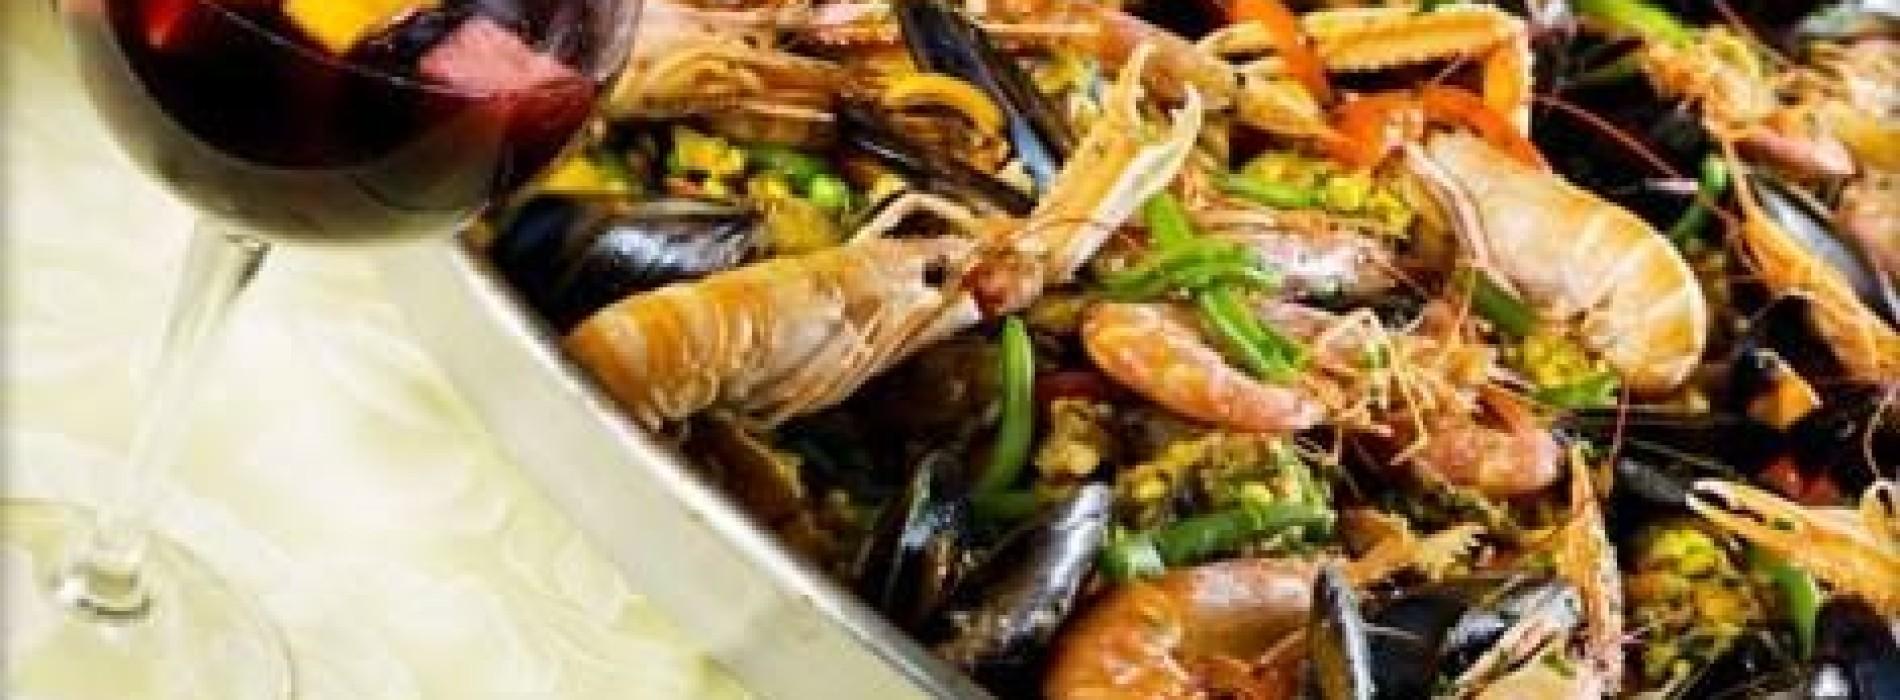 Cene e aperitivi della settimana a Roma: fermentazioni da Epiro e la merenda sotto l'ombrellone al Porto Fluviale